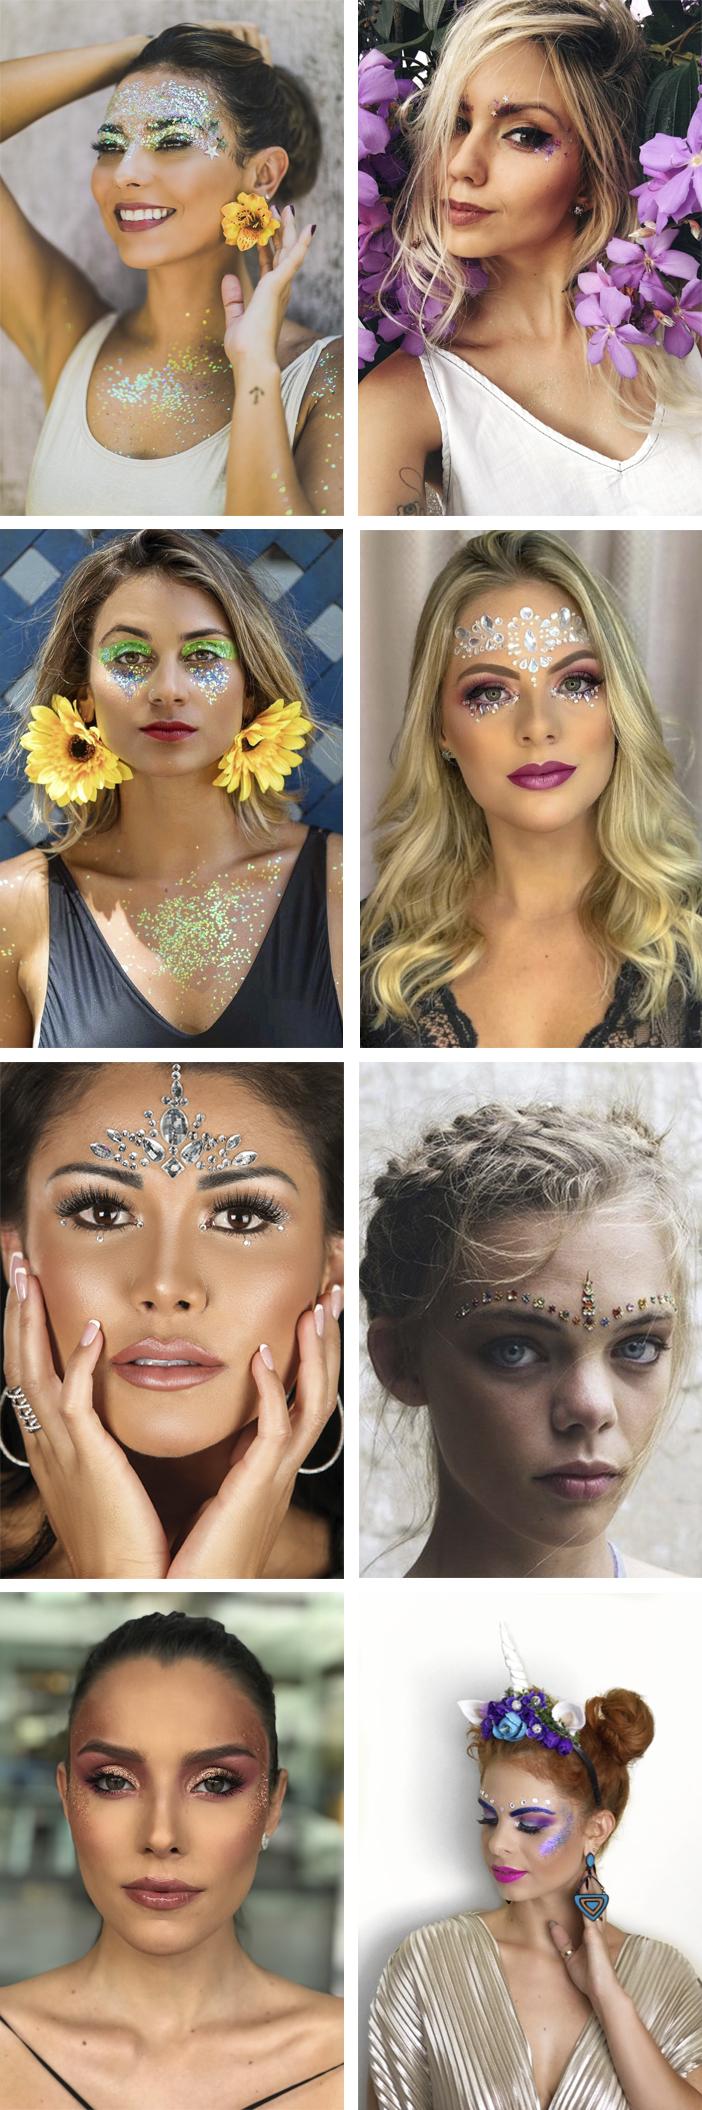 Carnaval - Inspiração de Maquiagem